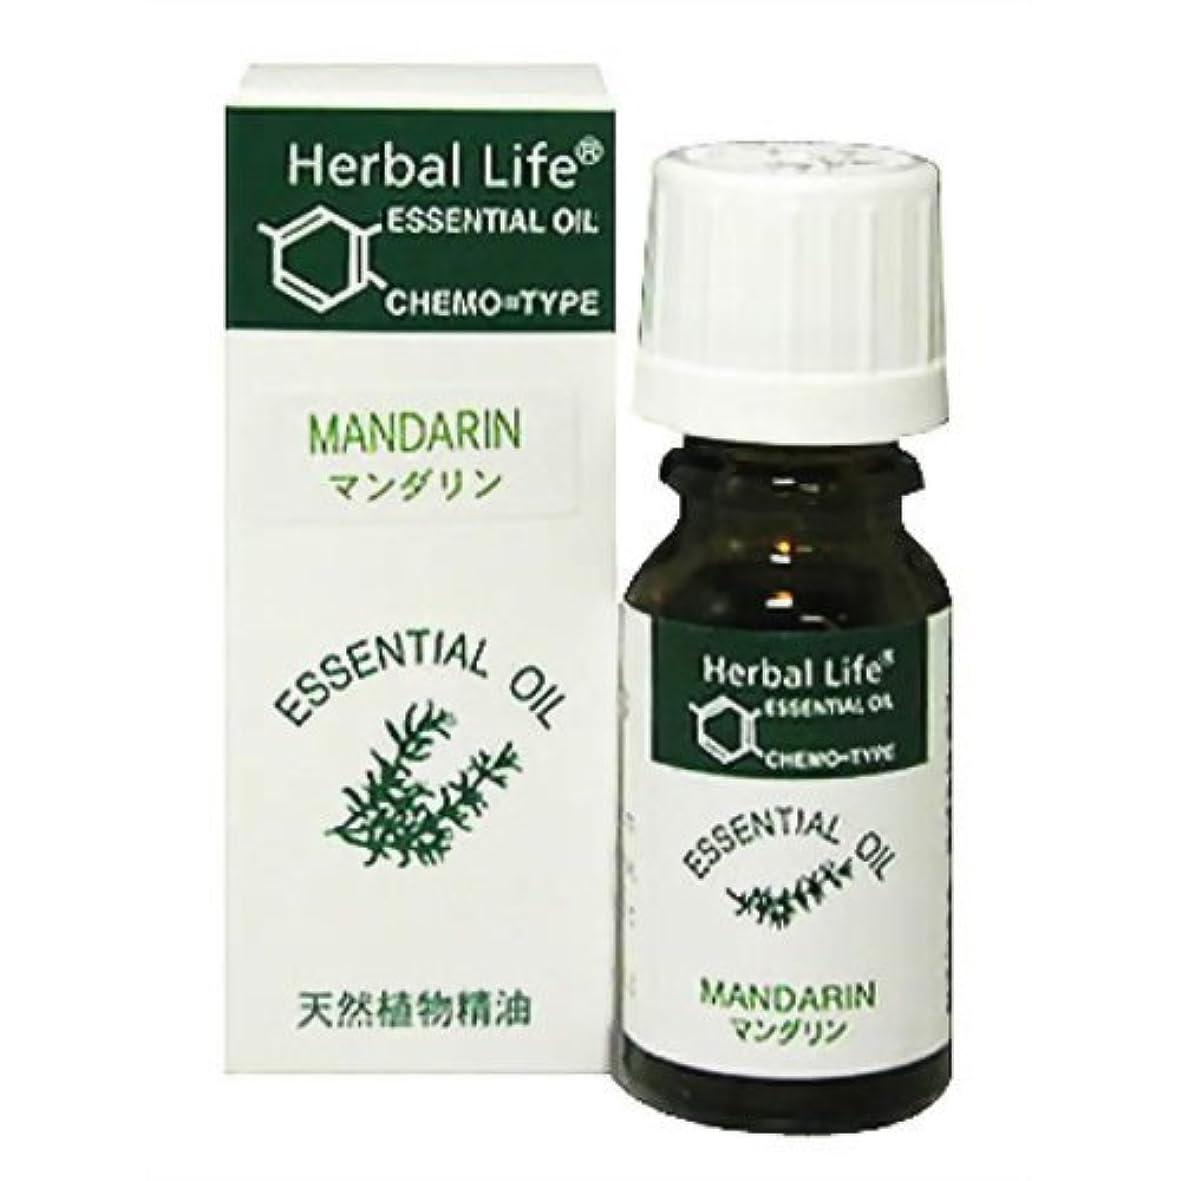 燃やす修士号悪因子生活の木 Herbal Life マンダリン 10ml